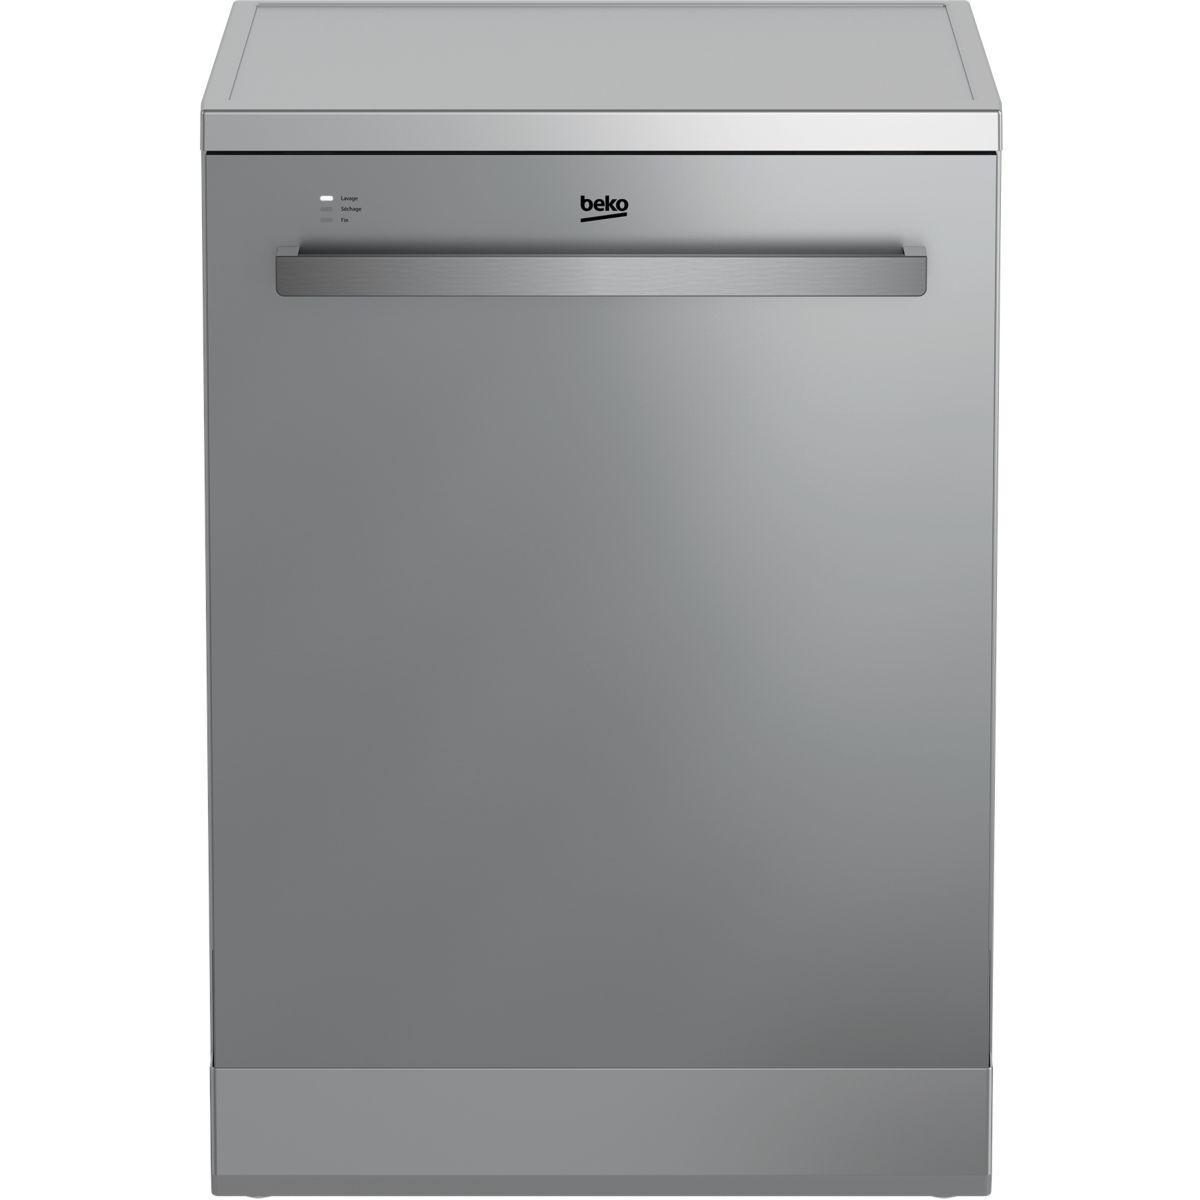 Lave vaisselle 60 cm beko den263b20x - livraison offerte : code livp (photo)